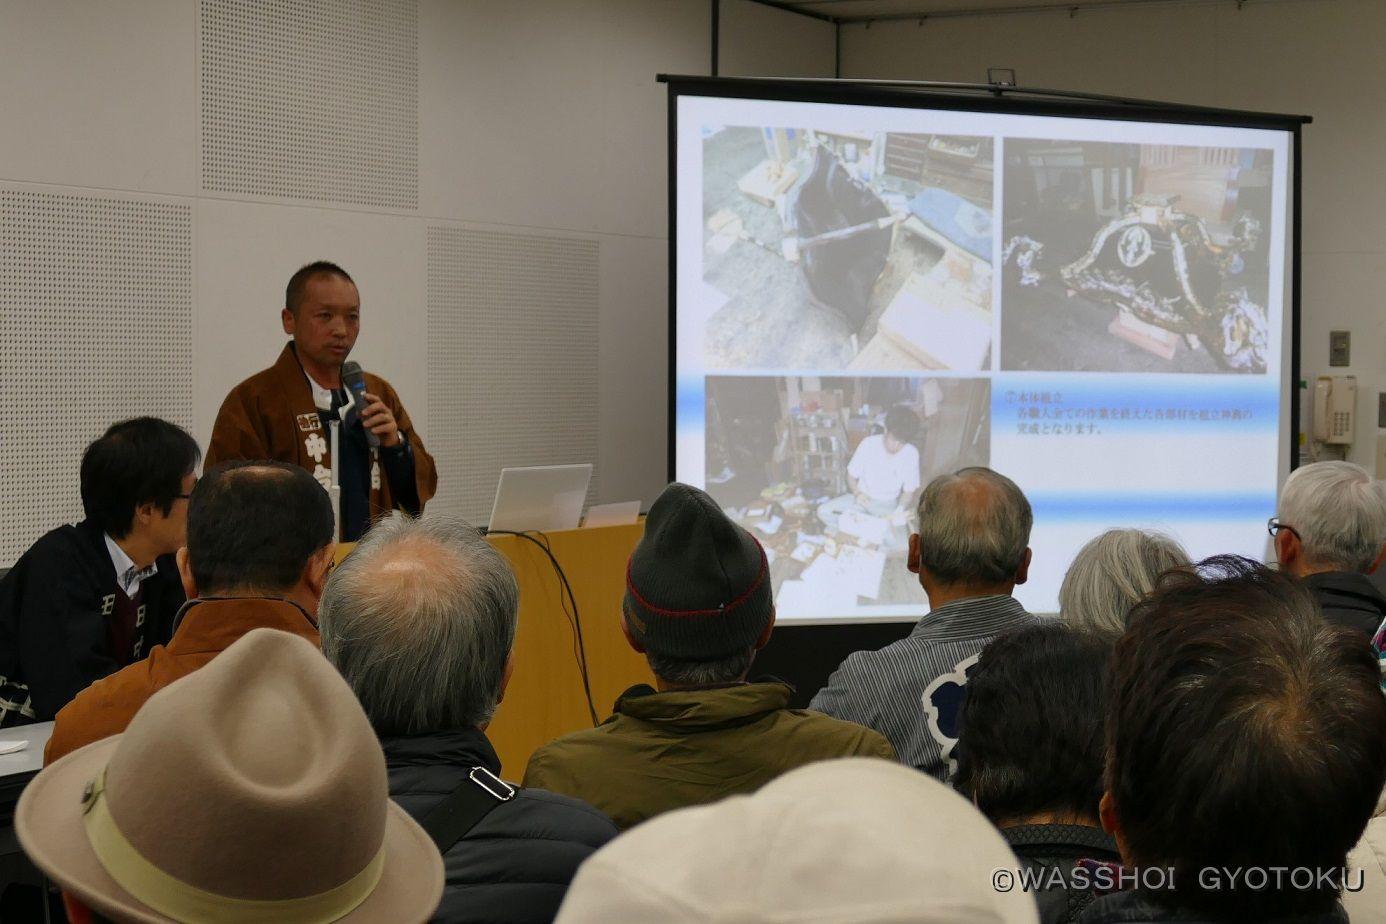 中台製作所代表・中台洋氏が神輿づくりと伝統の継承について講演